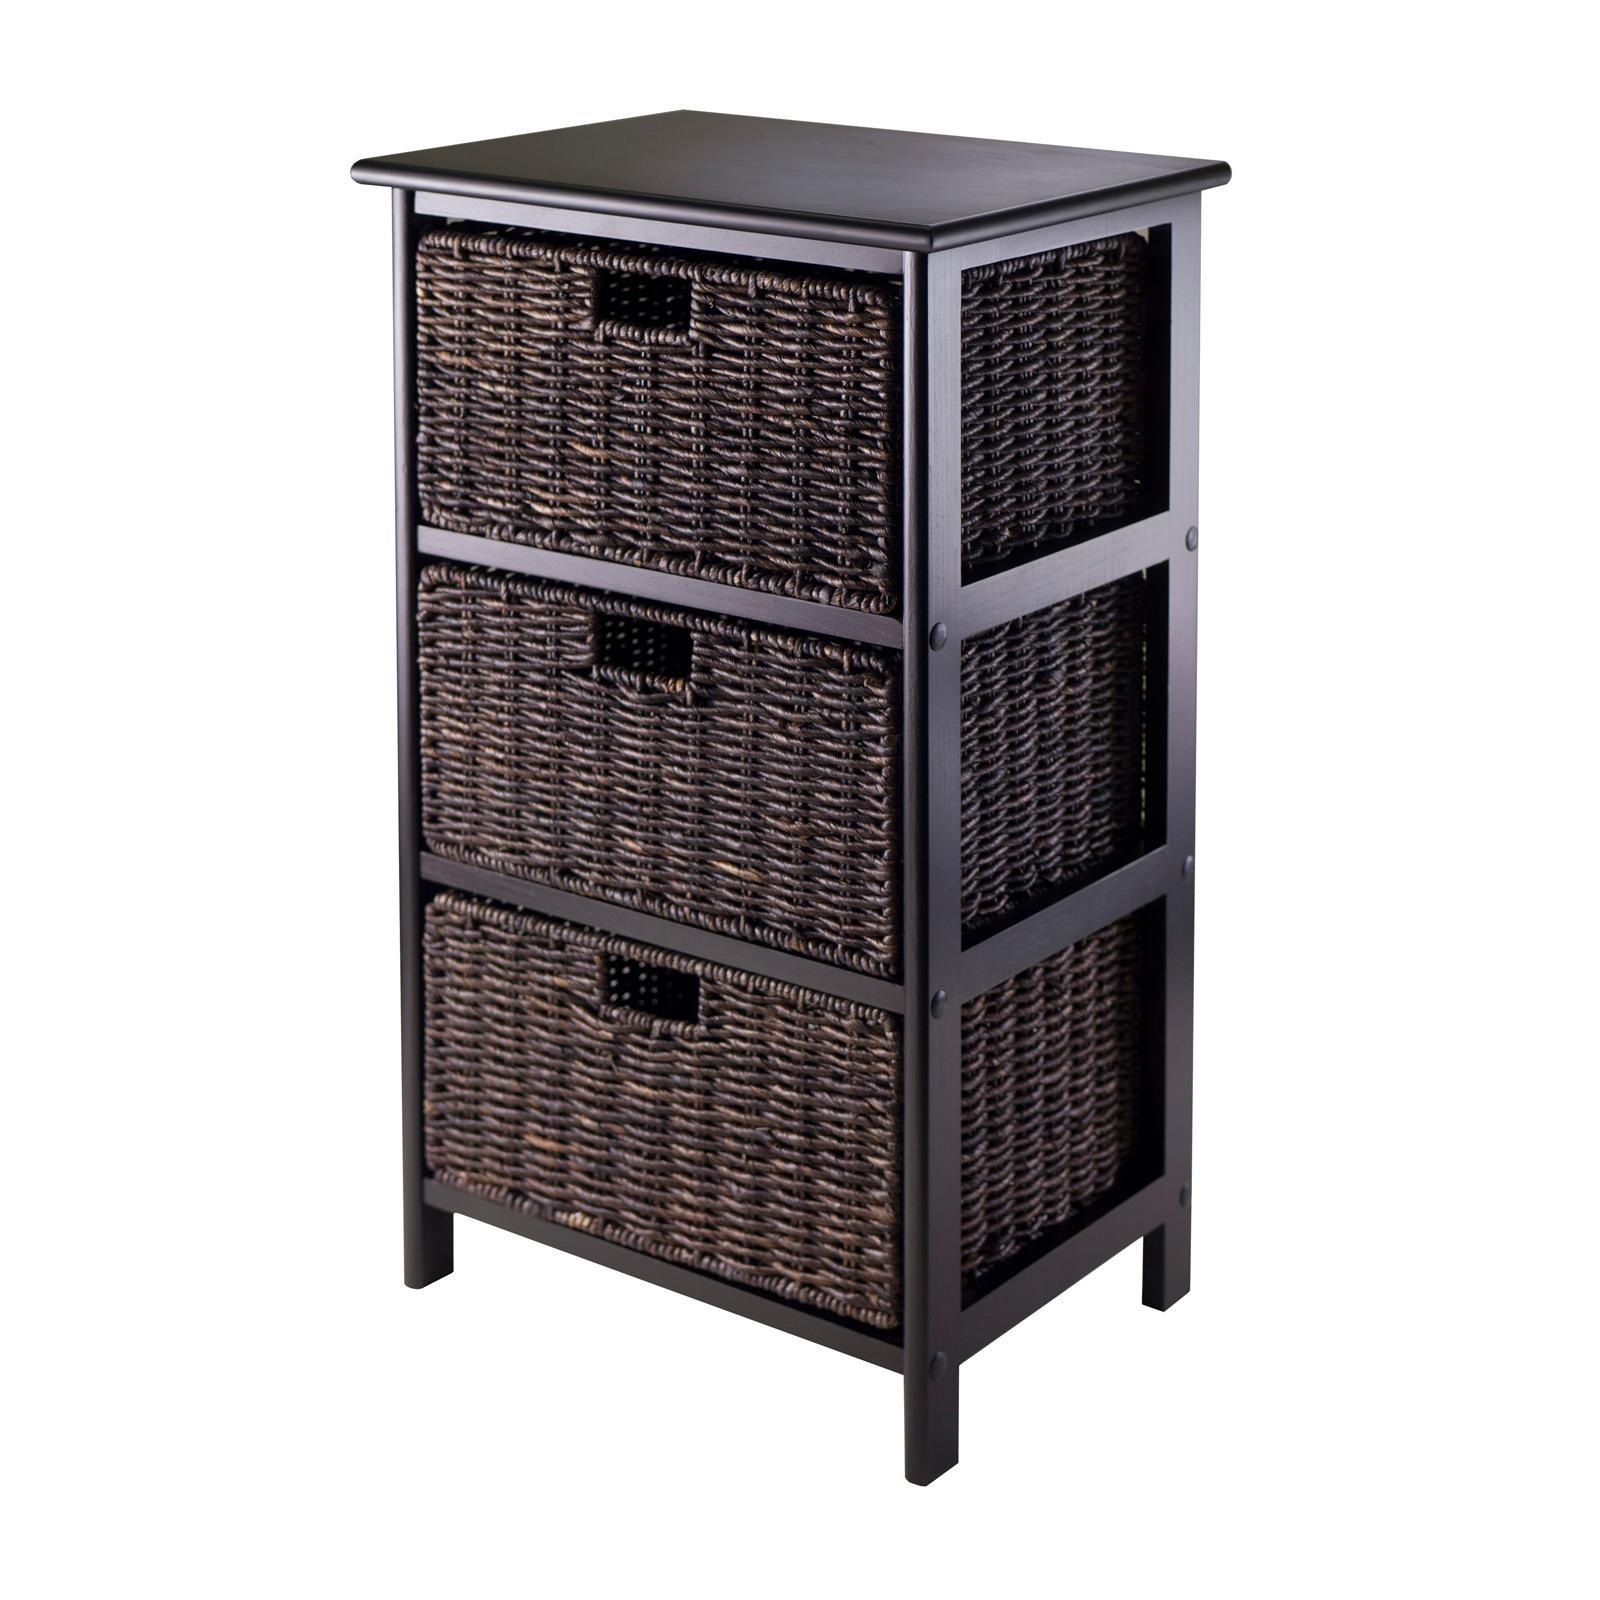 amazon com winsome omaha storage rack with 3 foldable basket home rh amazon com wooden storage shelf with wicker baskets